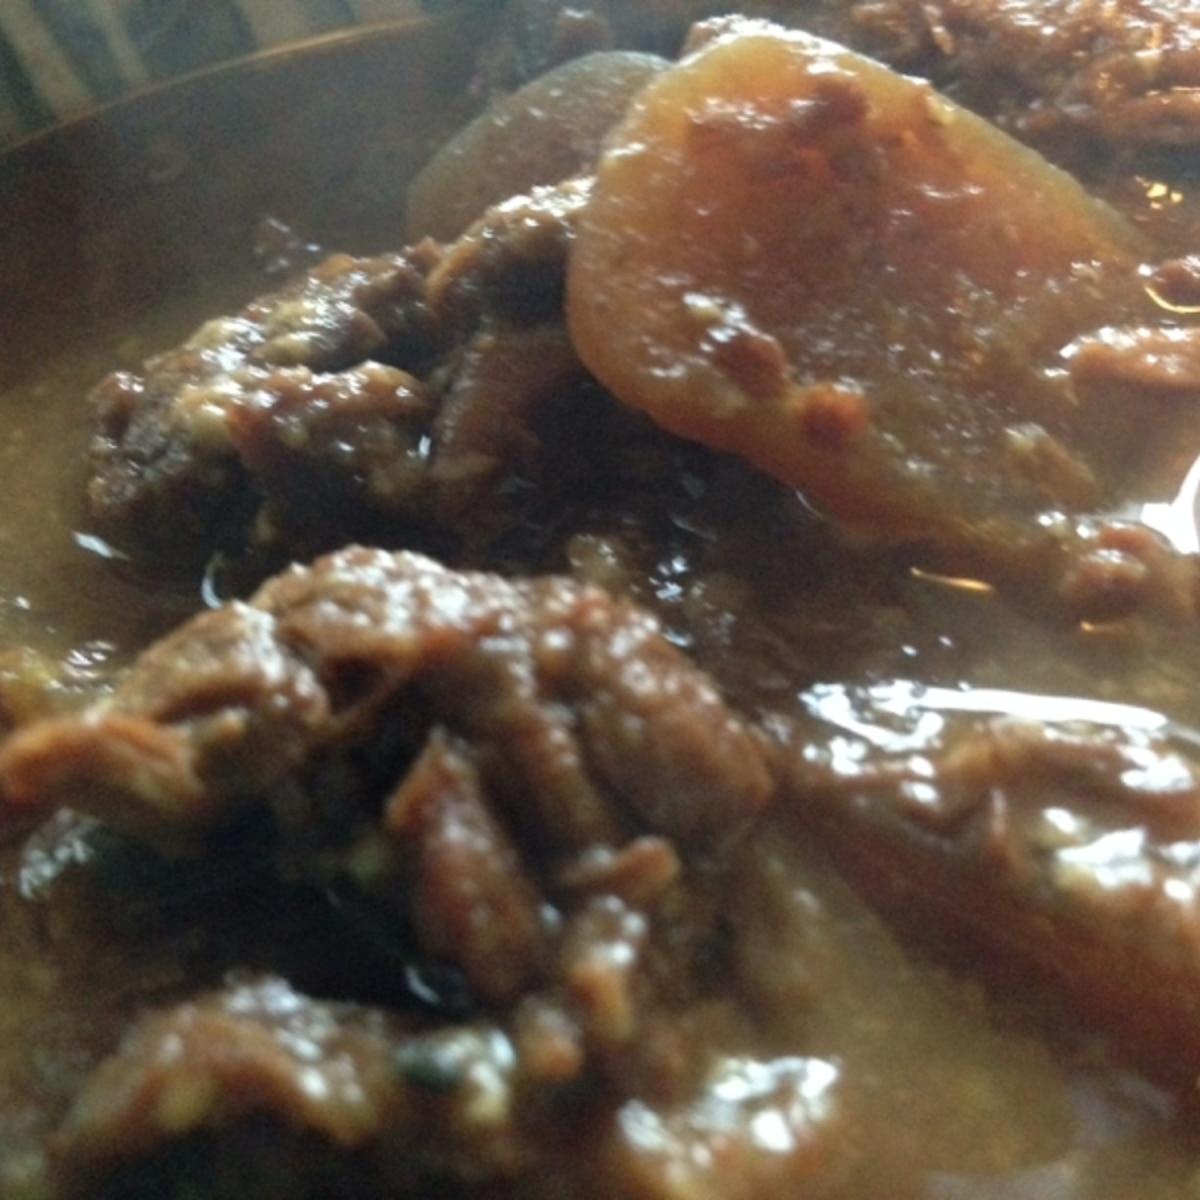 取り 臭み 鹿 肉 冷凍焼けの臭い消し!肉・魚を美味しく食べられるようにする方法